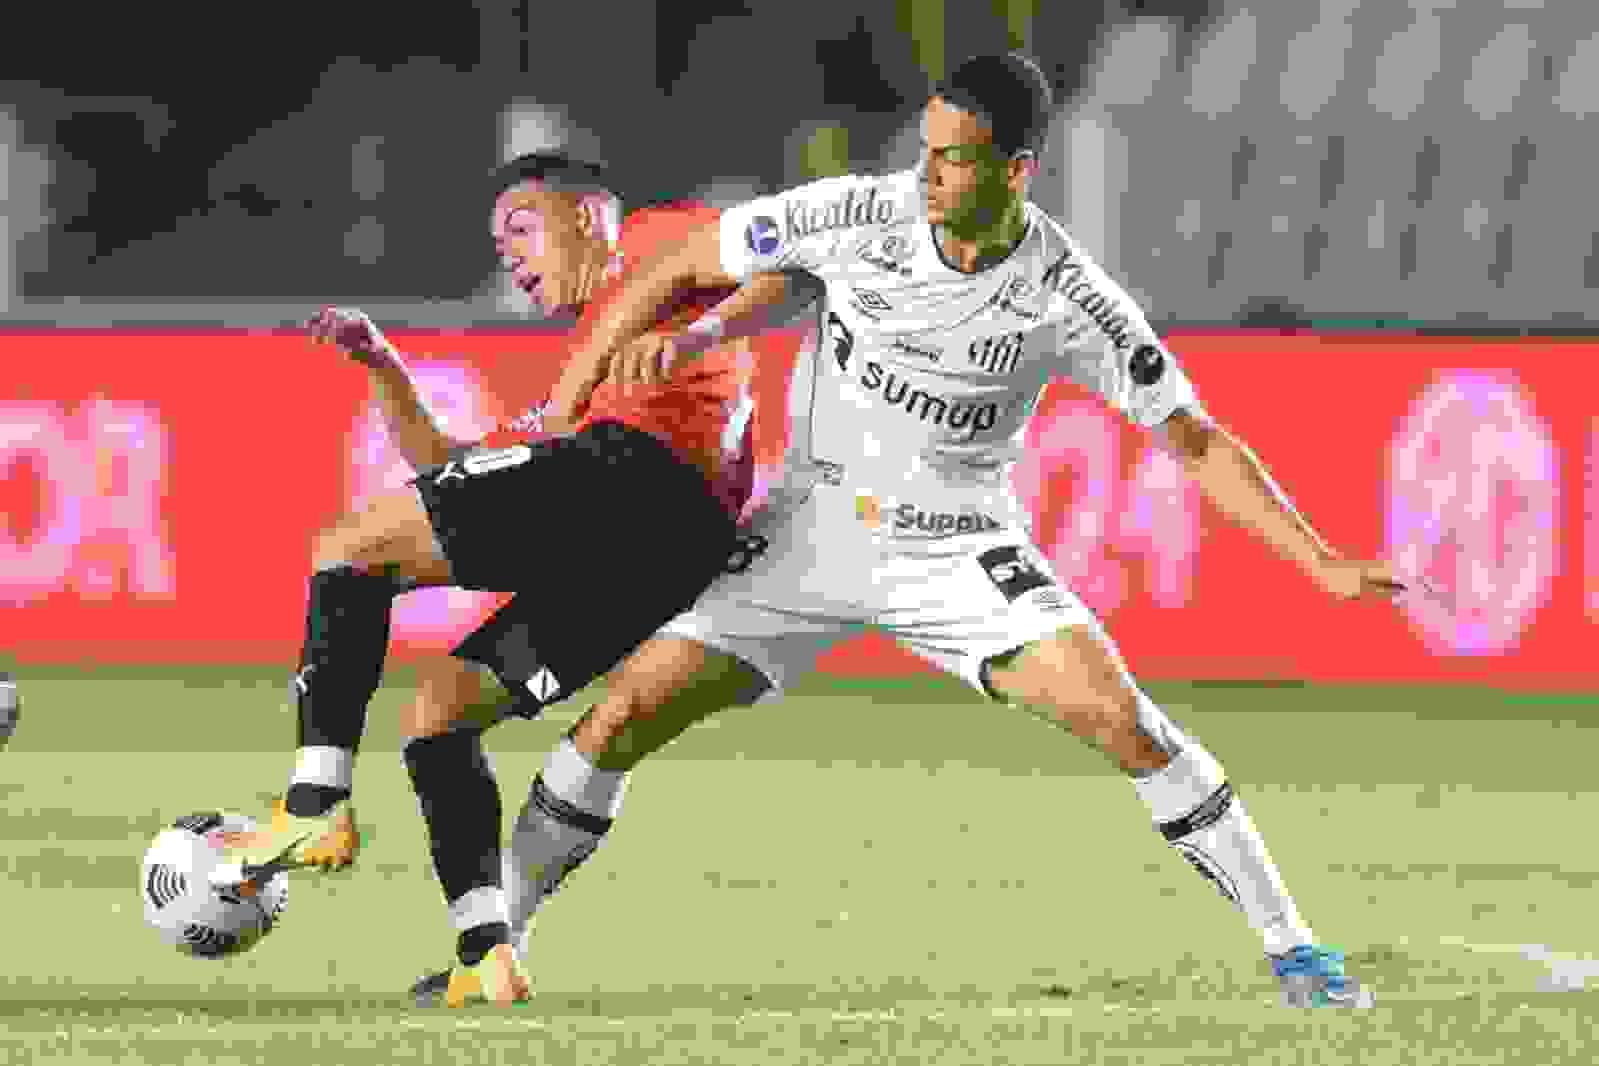 Independiente intentará dar vuelta la serie frente al Santos este jueves a las 19.15 horas.